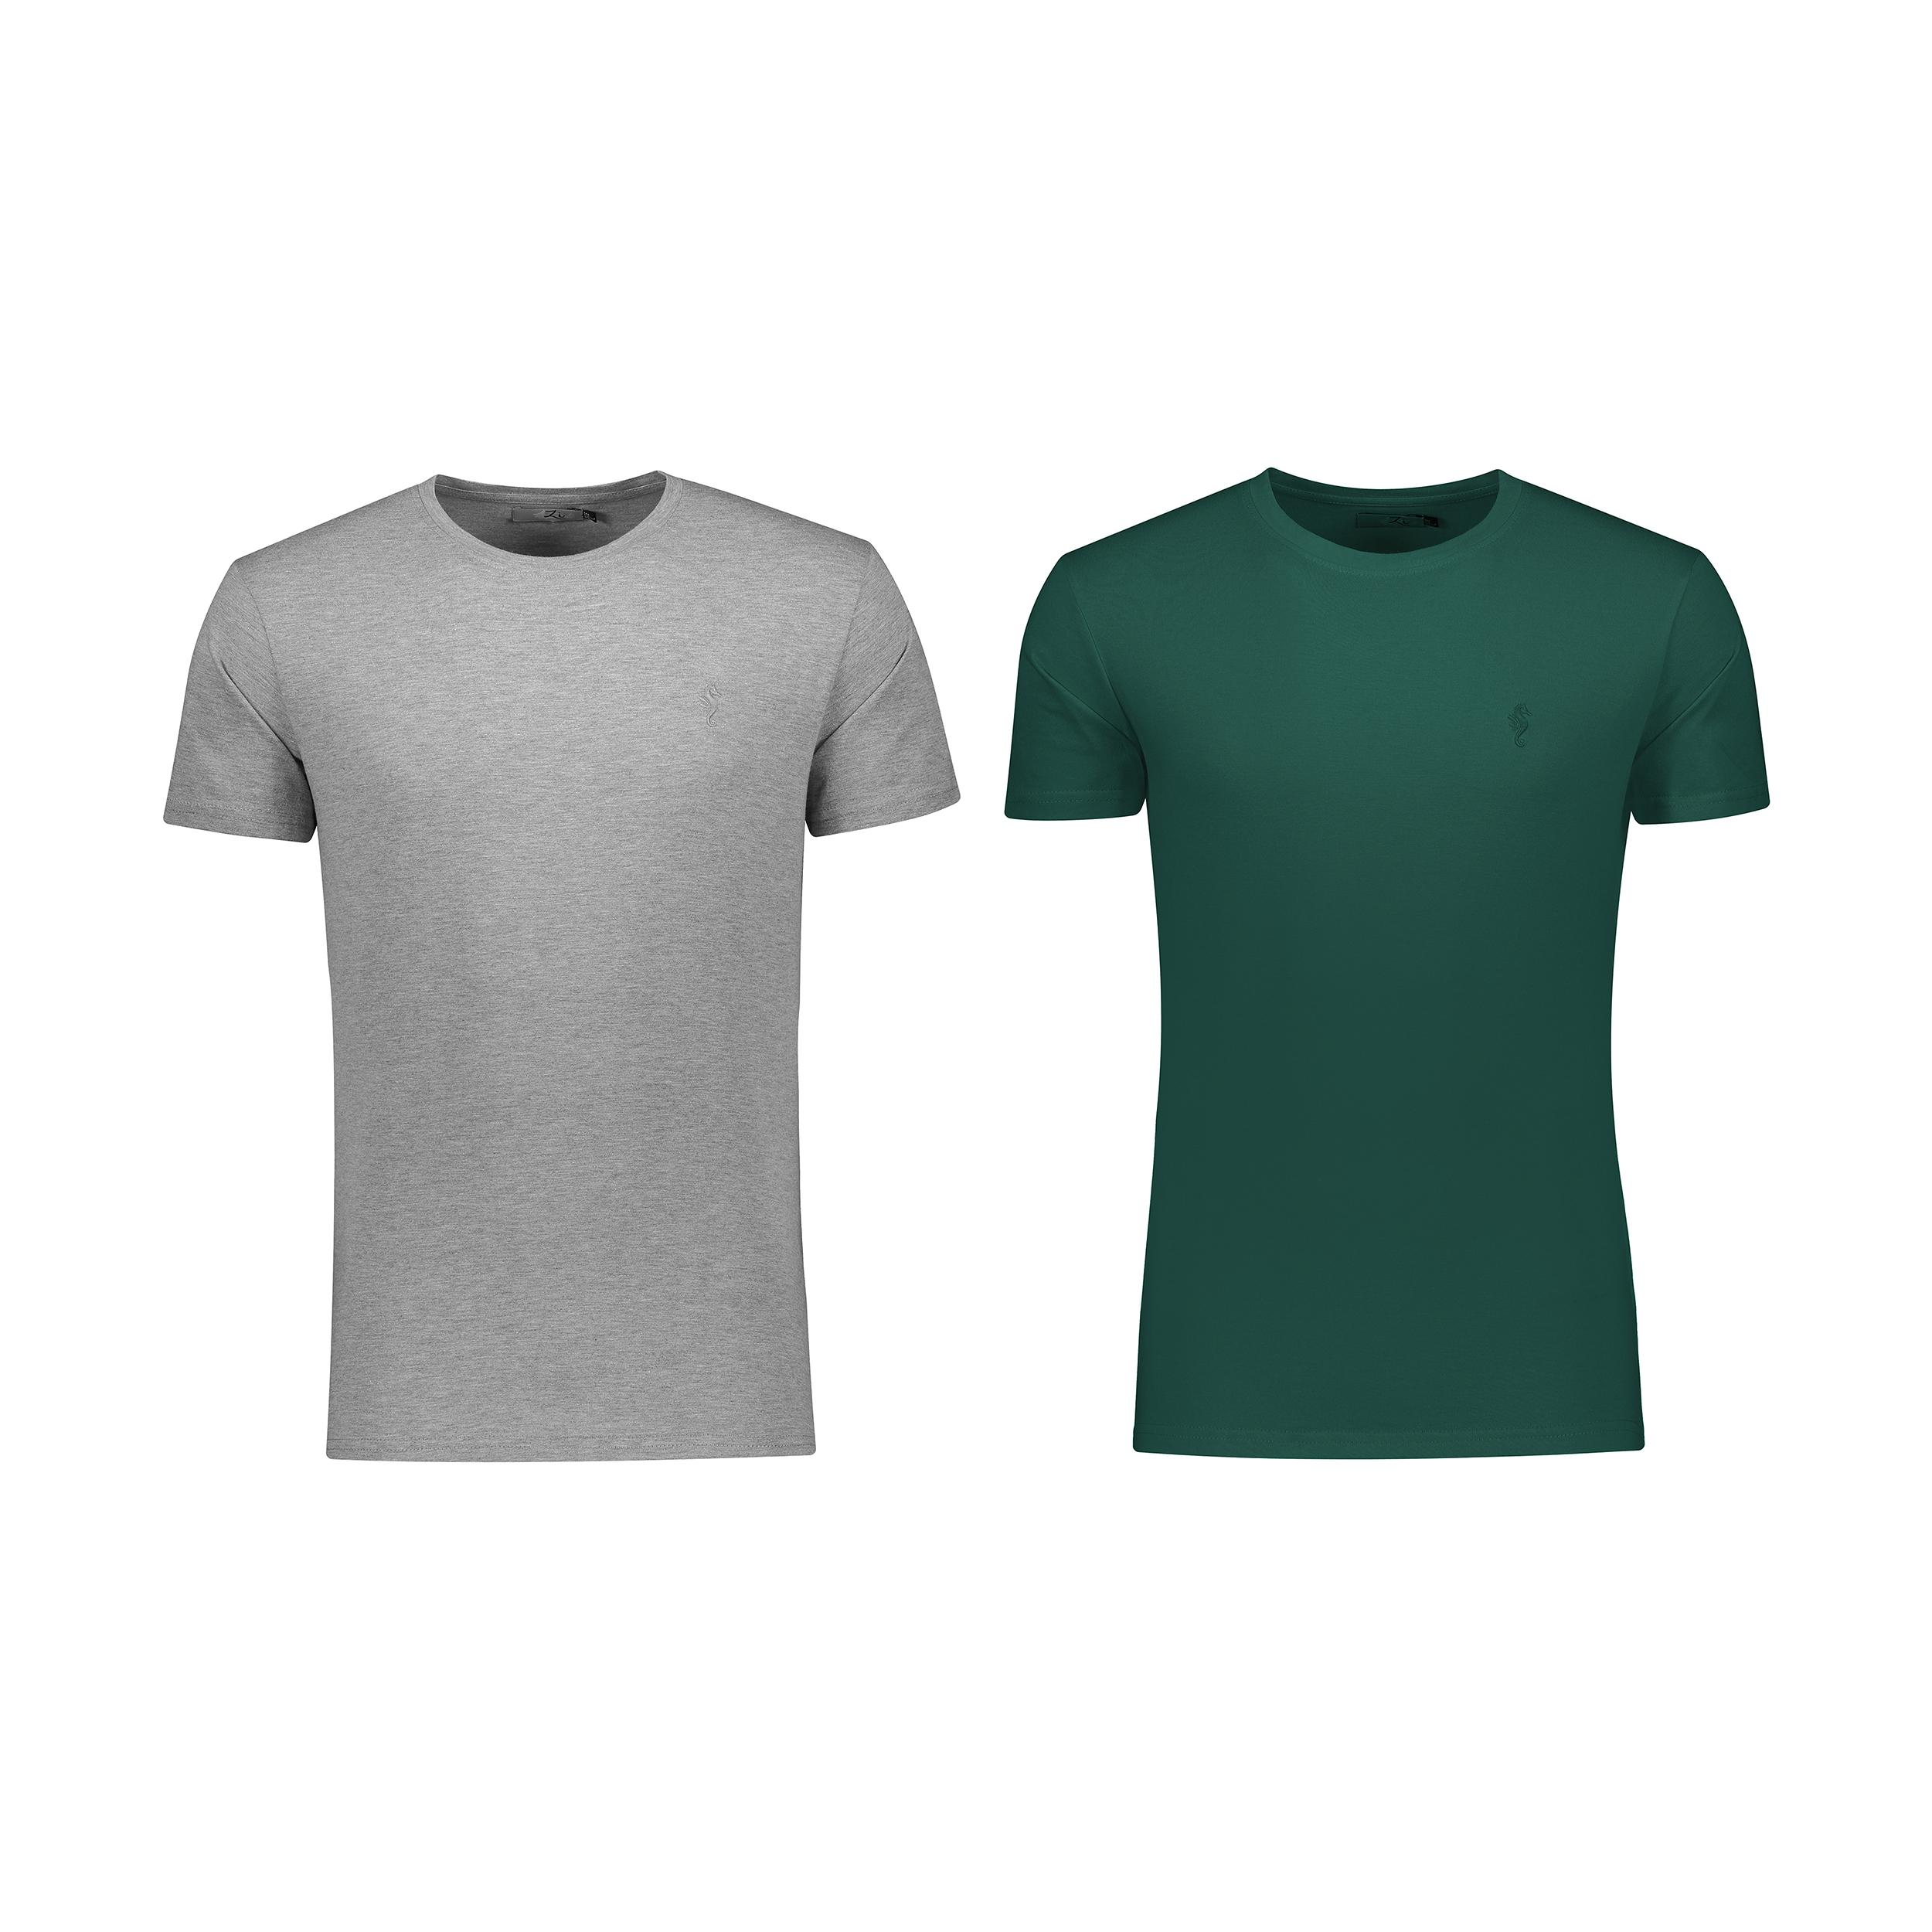 تی شرت مردانه زی مدل 1531200MC بسته 2 عددی